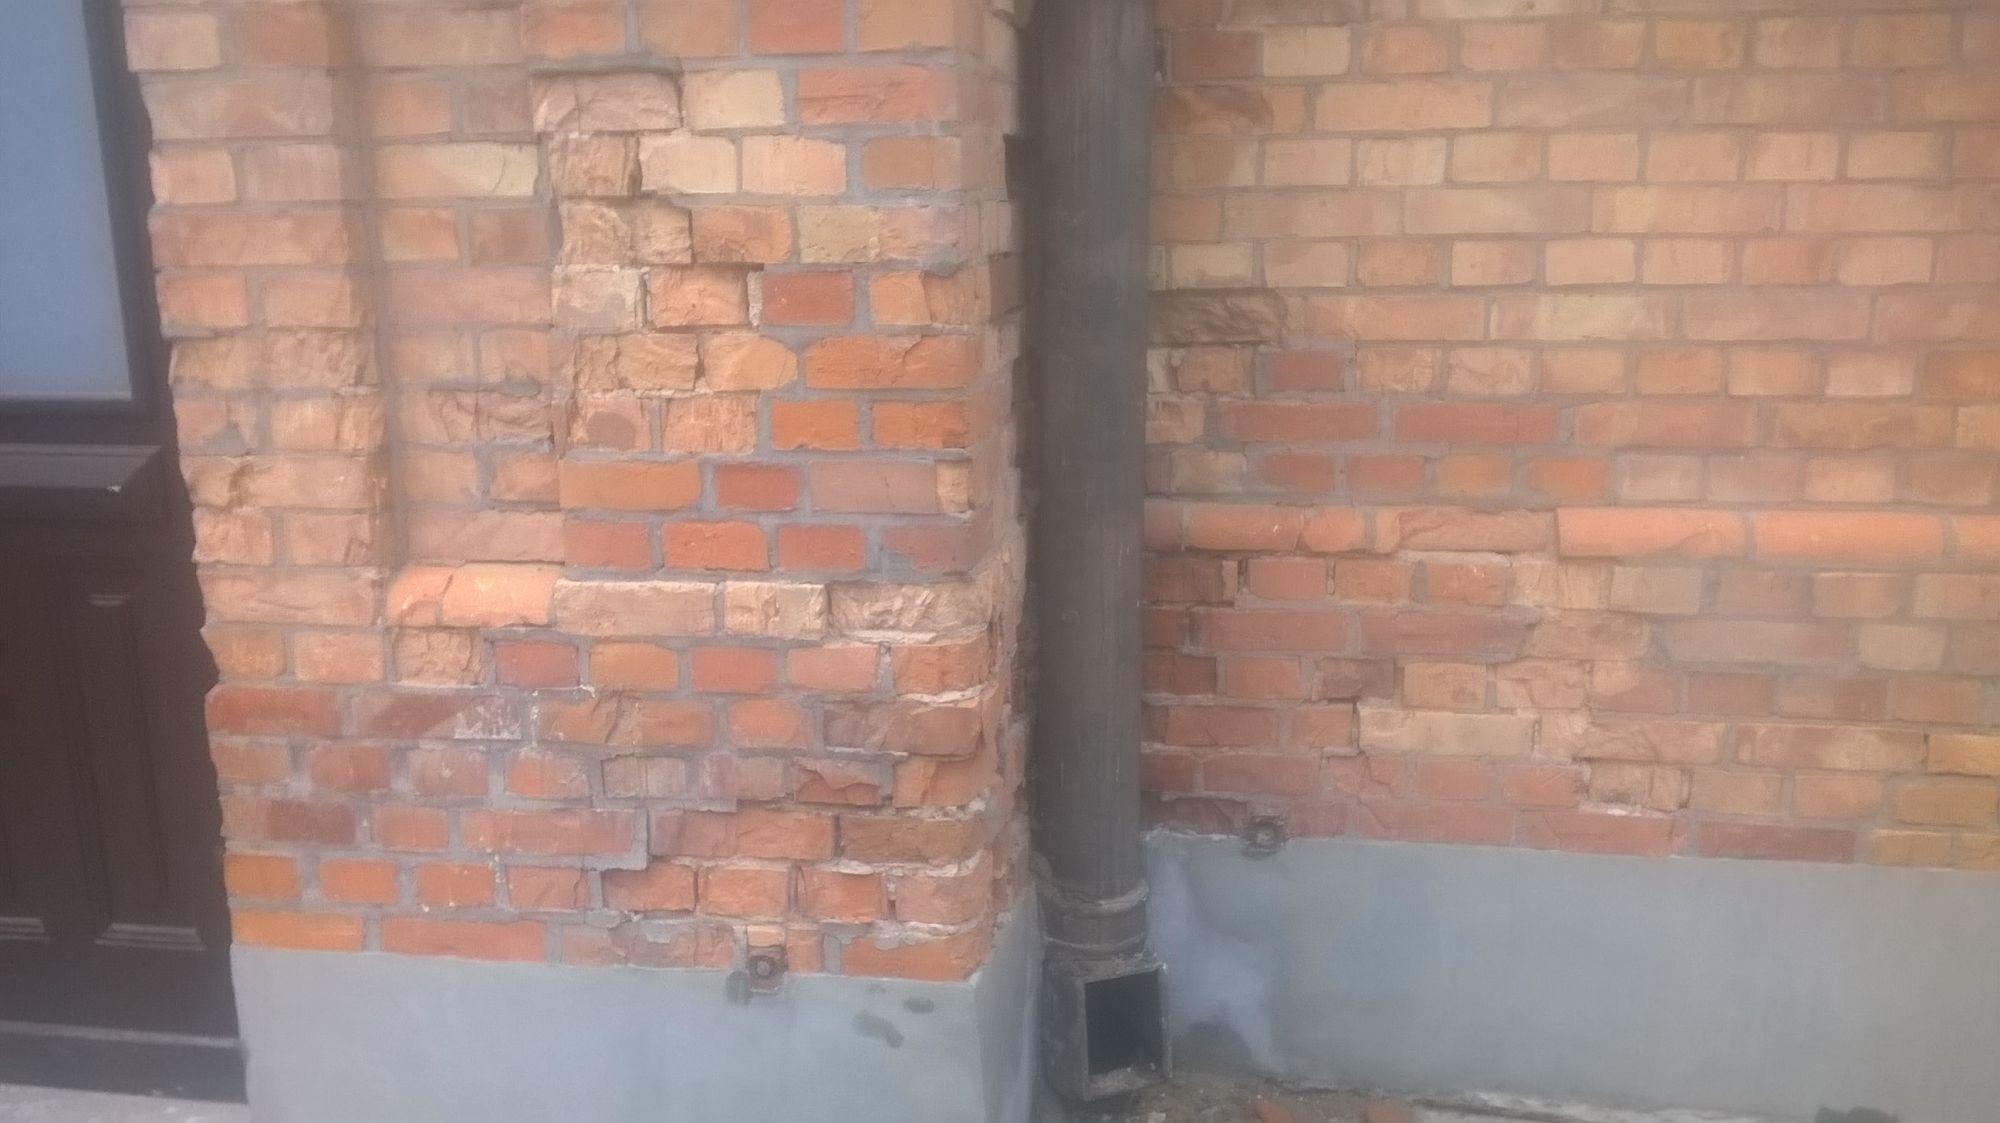 wymiana, odbudowa, murowanie, kształtki, renowacja, elewacja z cegły